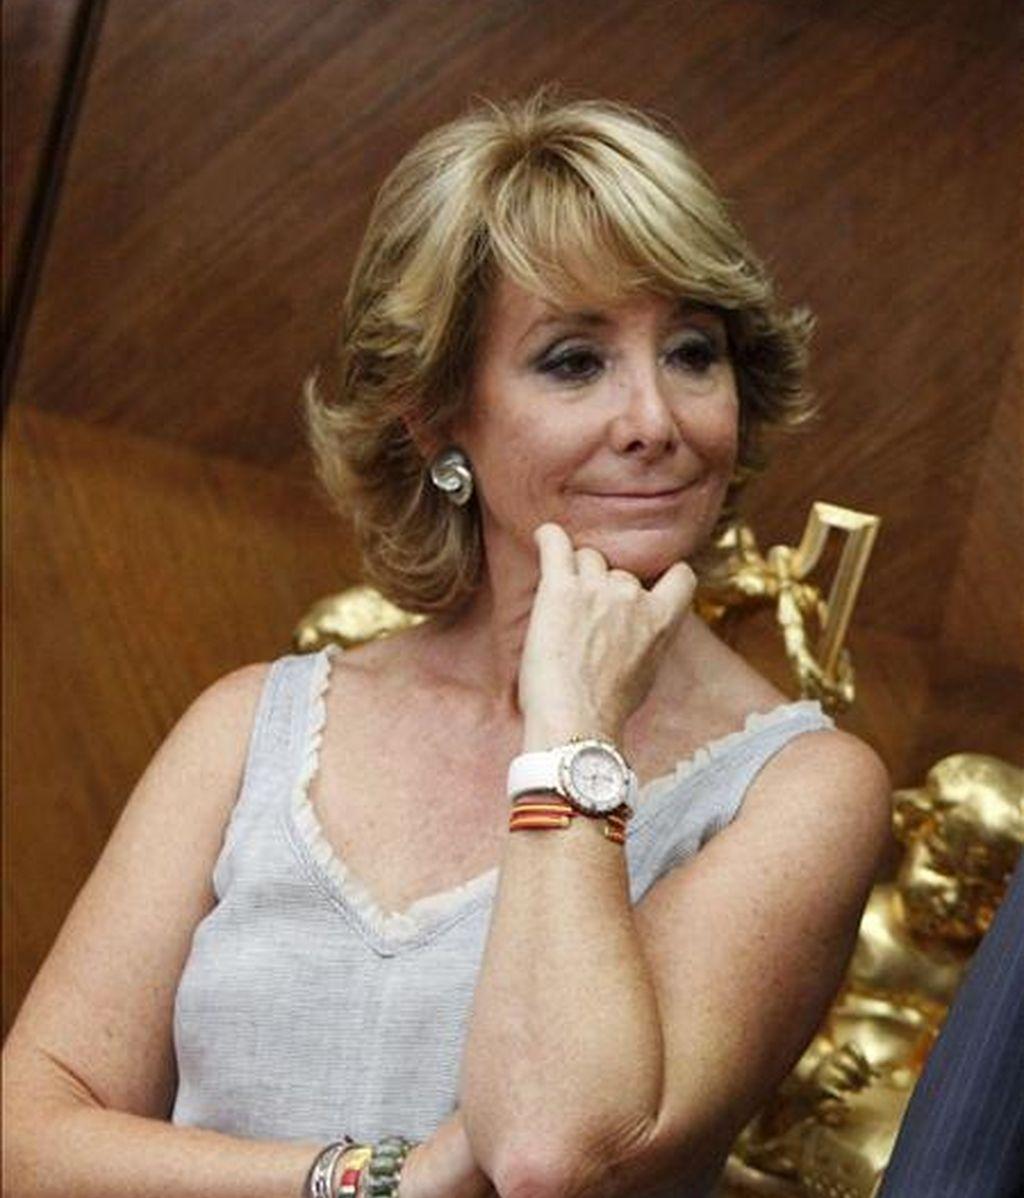 La presidenta de la Comunidad de Madrid, Esperanza Aguirre, ayer en el Ministerio de Educación. EFE